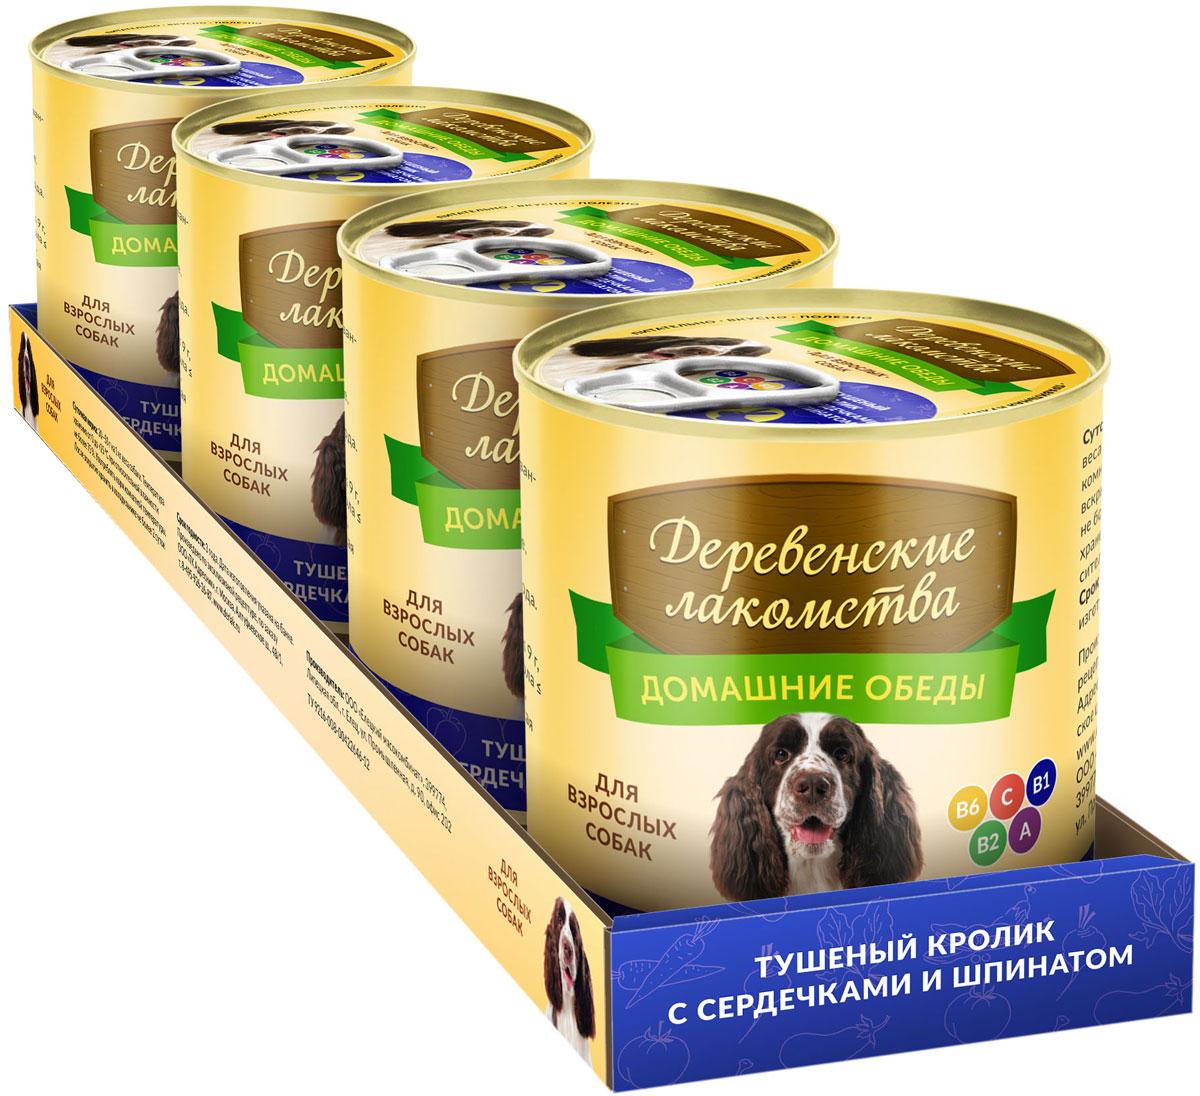 Консервы для собак Деревенские лакомства Домашние обеды, тушеный кролик с сердечками и шпинатом, 240 г х 4 шт76135504